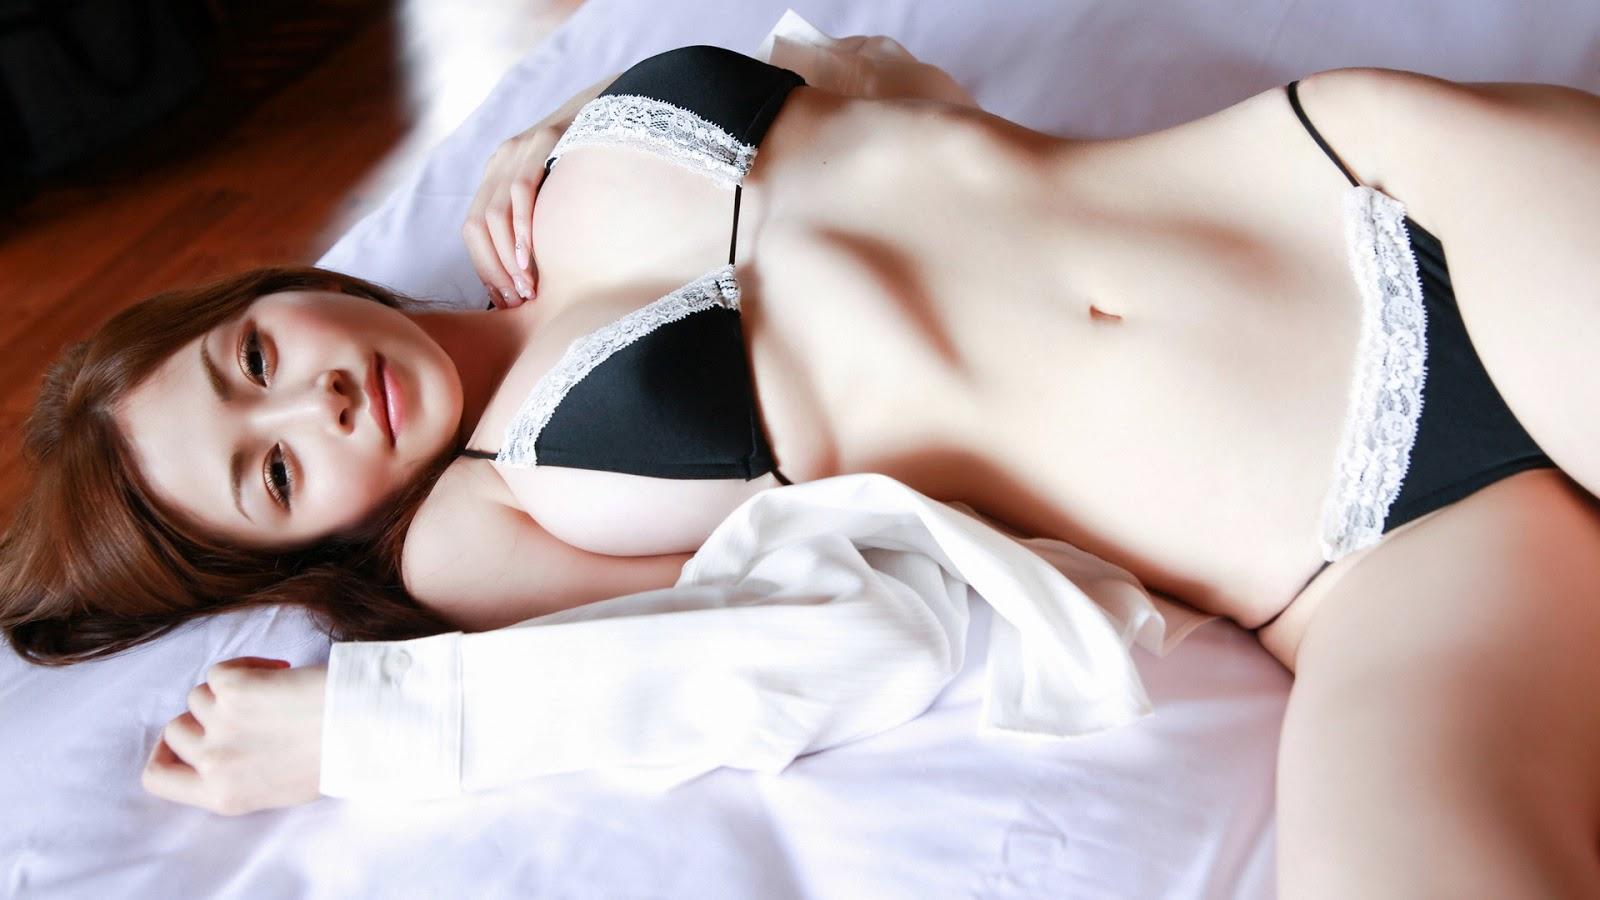 Смотреть порно секретарш маструбирующих на рабочем месте 1 фотография